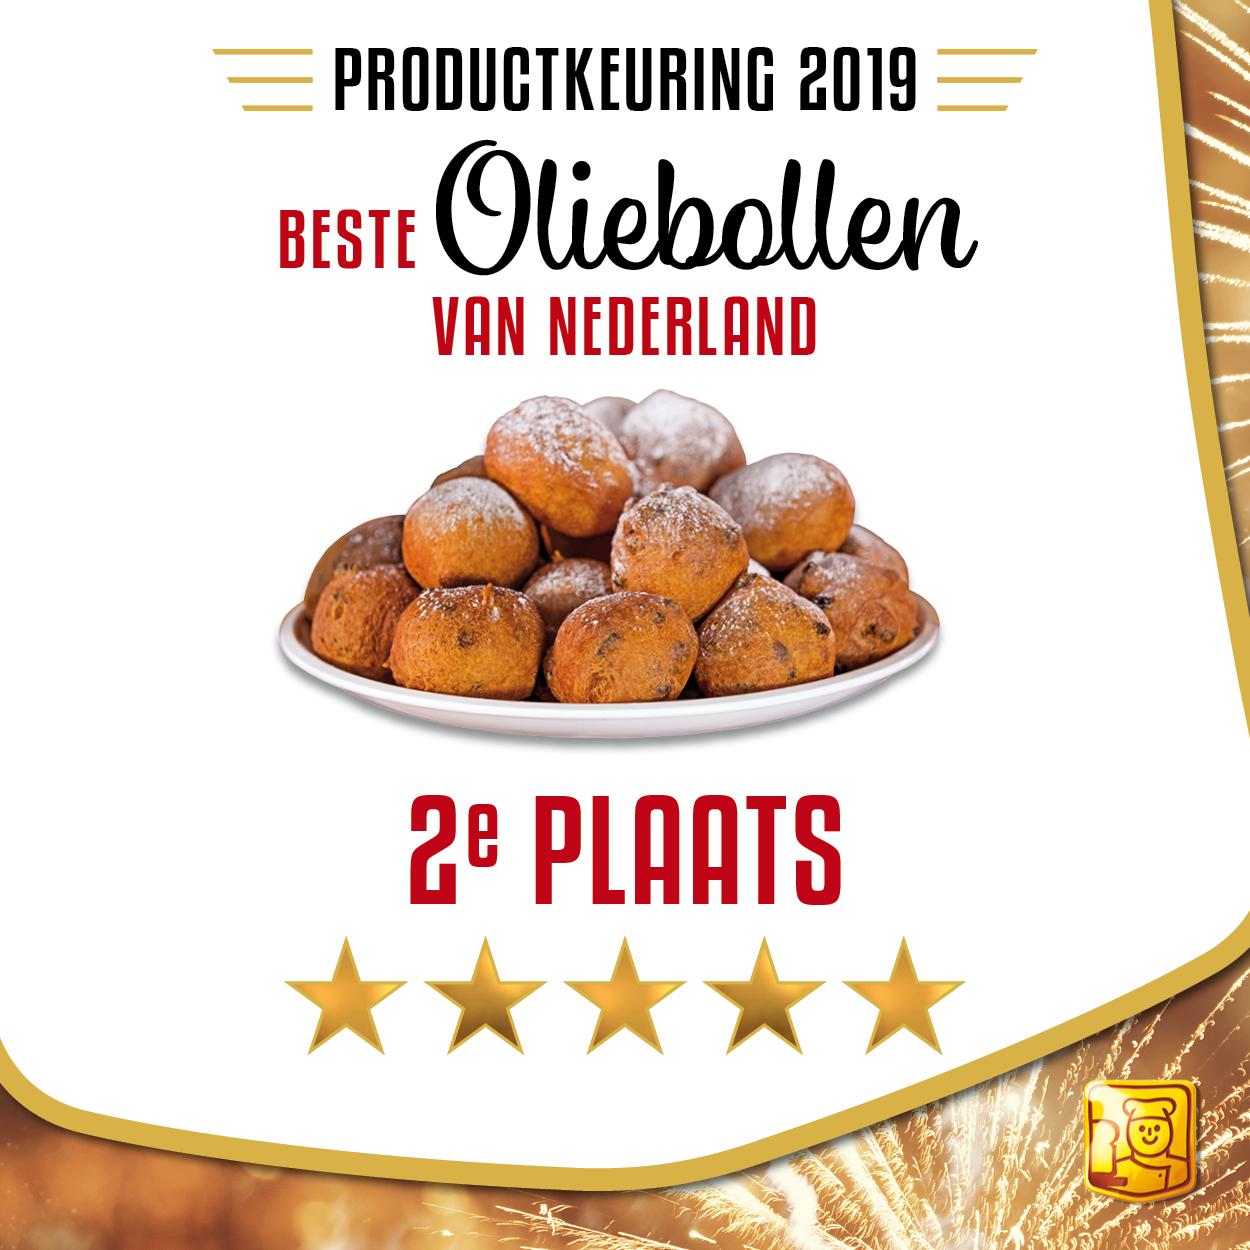 2e plaats oliebollen Echte Bakkers Gilde Nijkamp